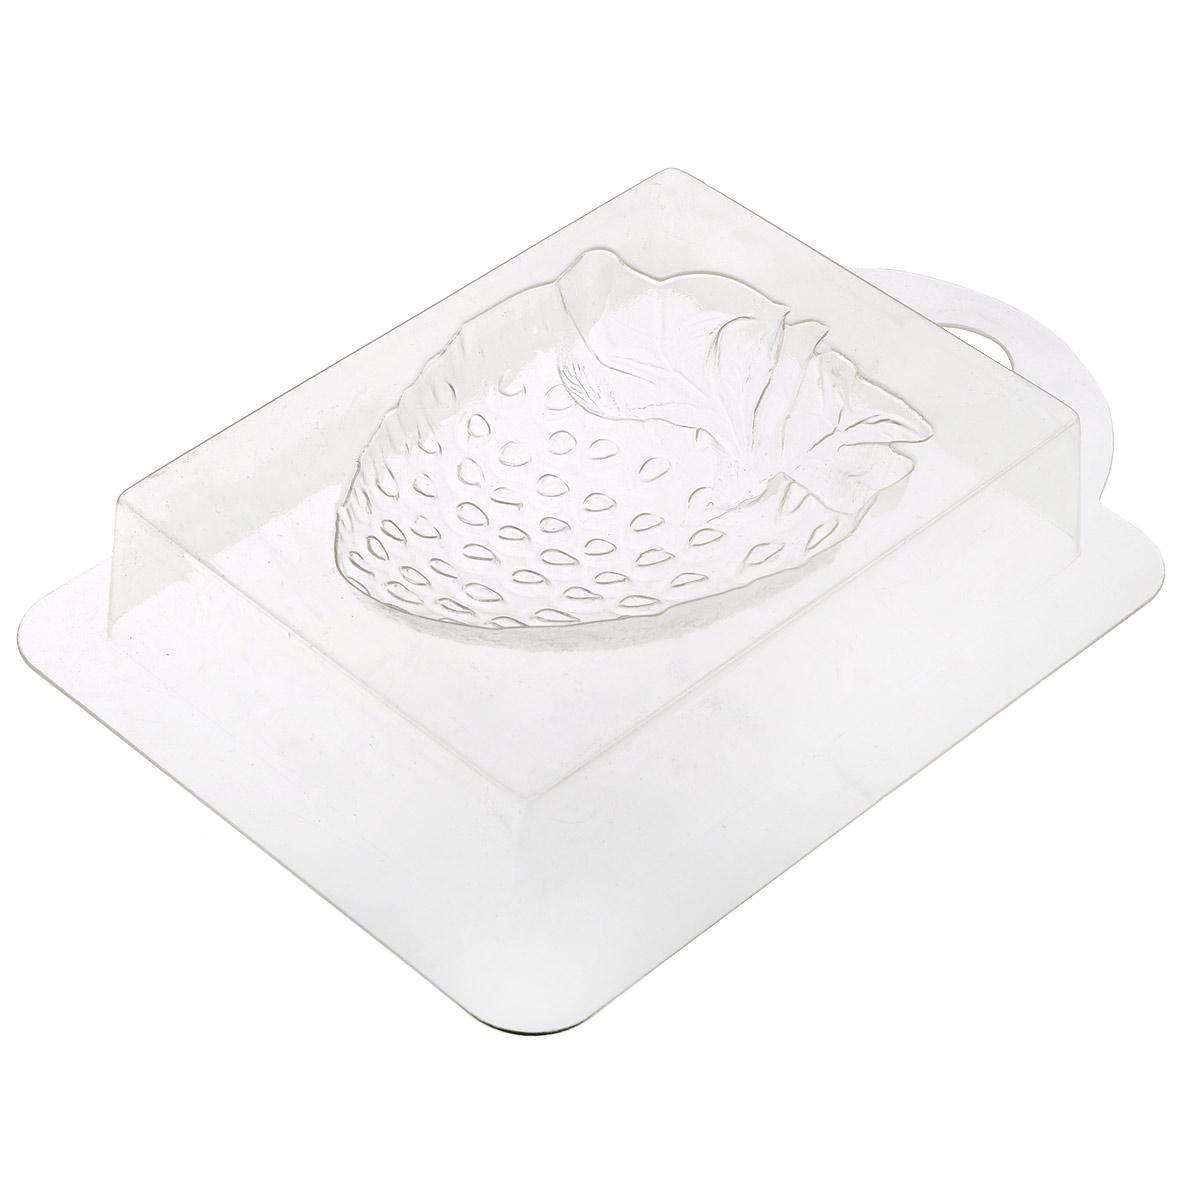 Форма пластиковая Клубника большая, профессиональная, 16 х 10,5 х 2,5 см форма для мыла выдумщики букет тюльпанов пластиковая цвет прозрачный